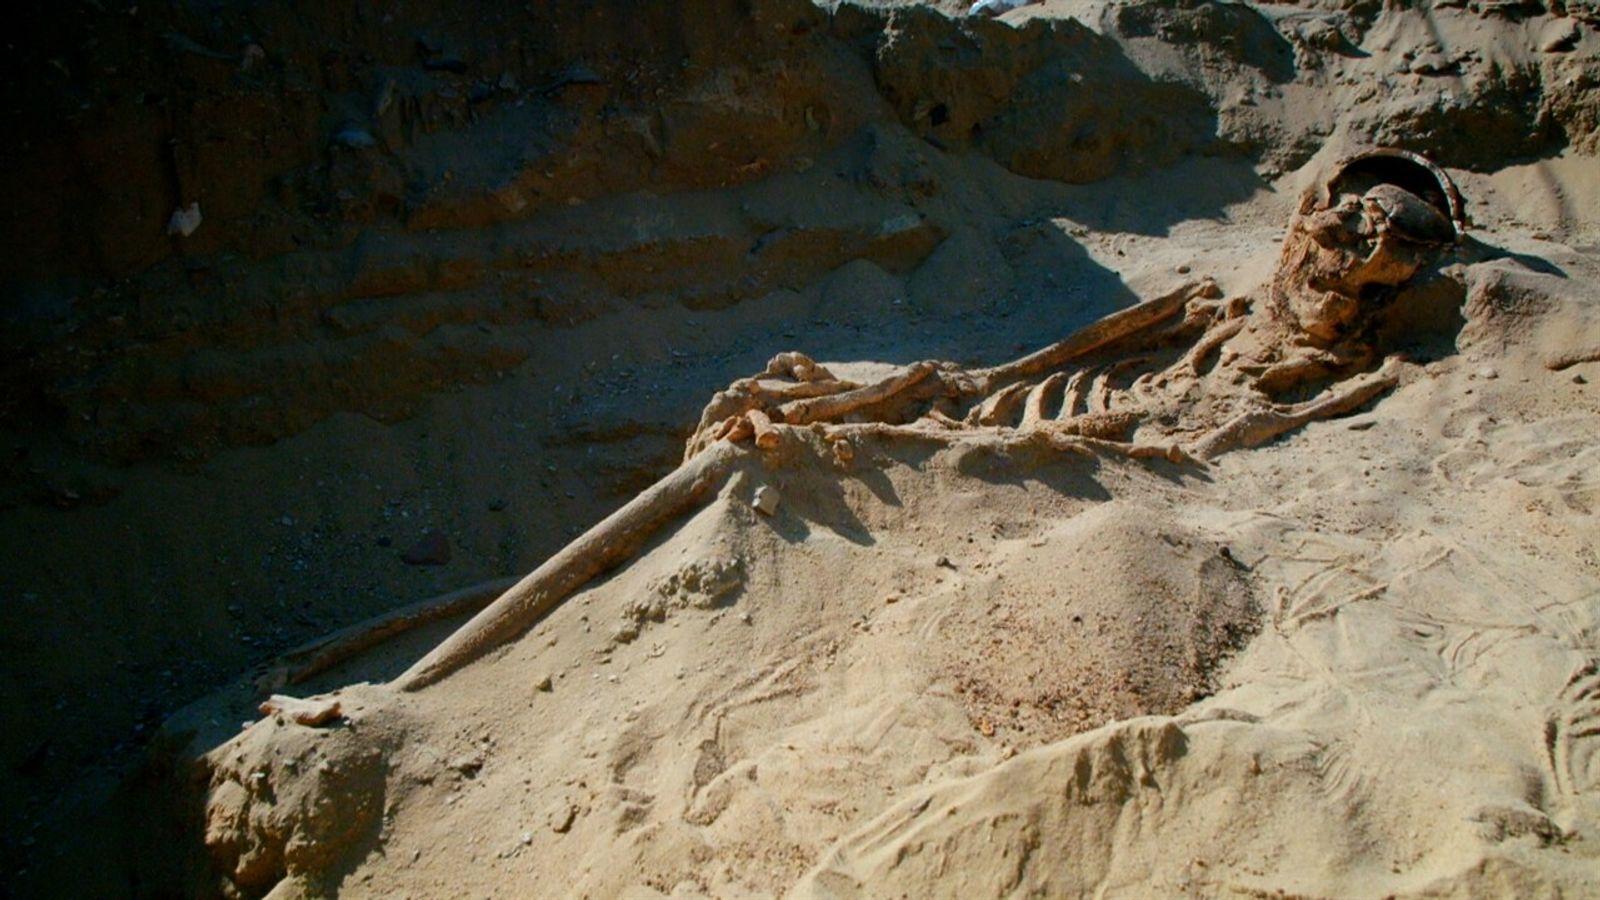 Así se momificaban a los faraones en el Antiguo Egipto | Tesoros Perdidos de Egipto